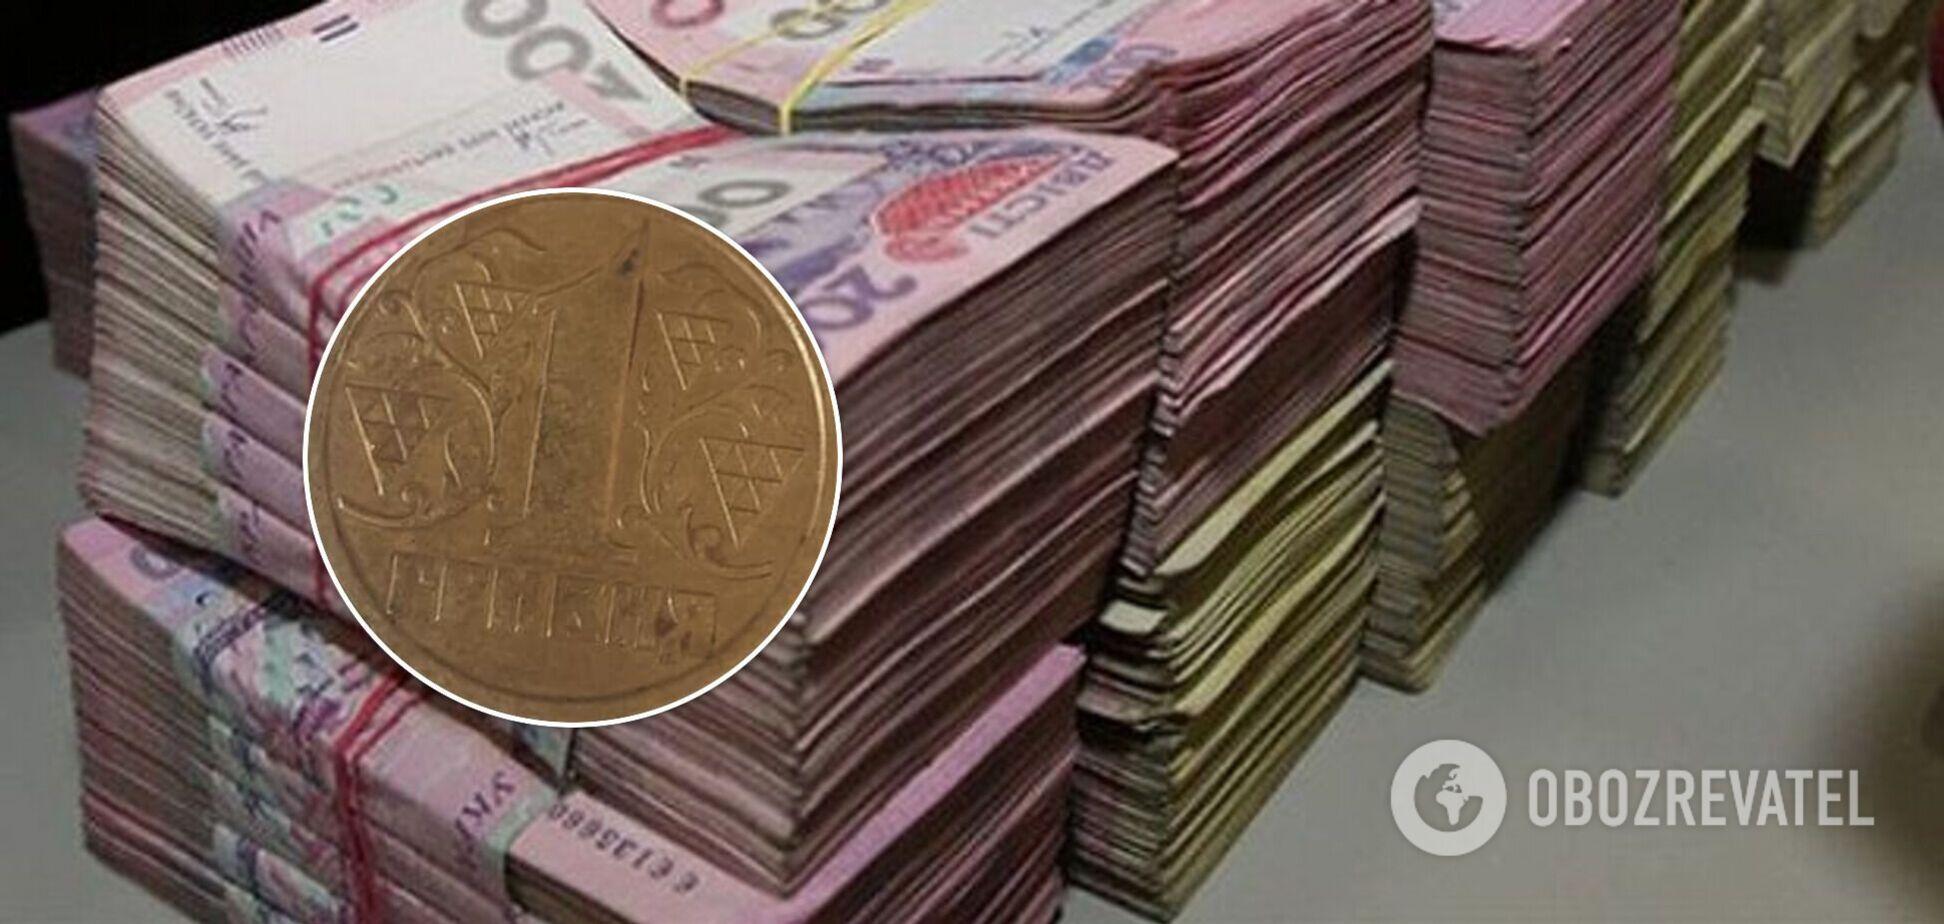 За редкую монету готовы заплатить тысячи гривен